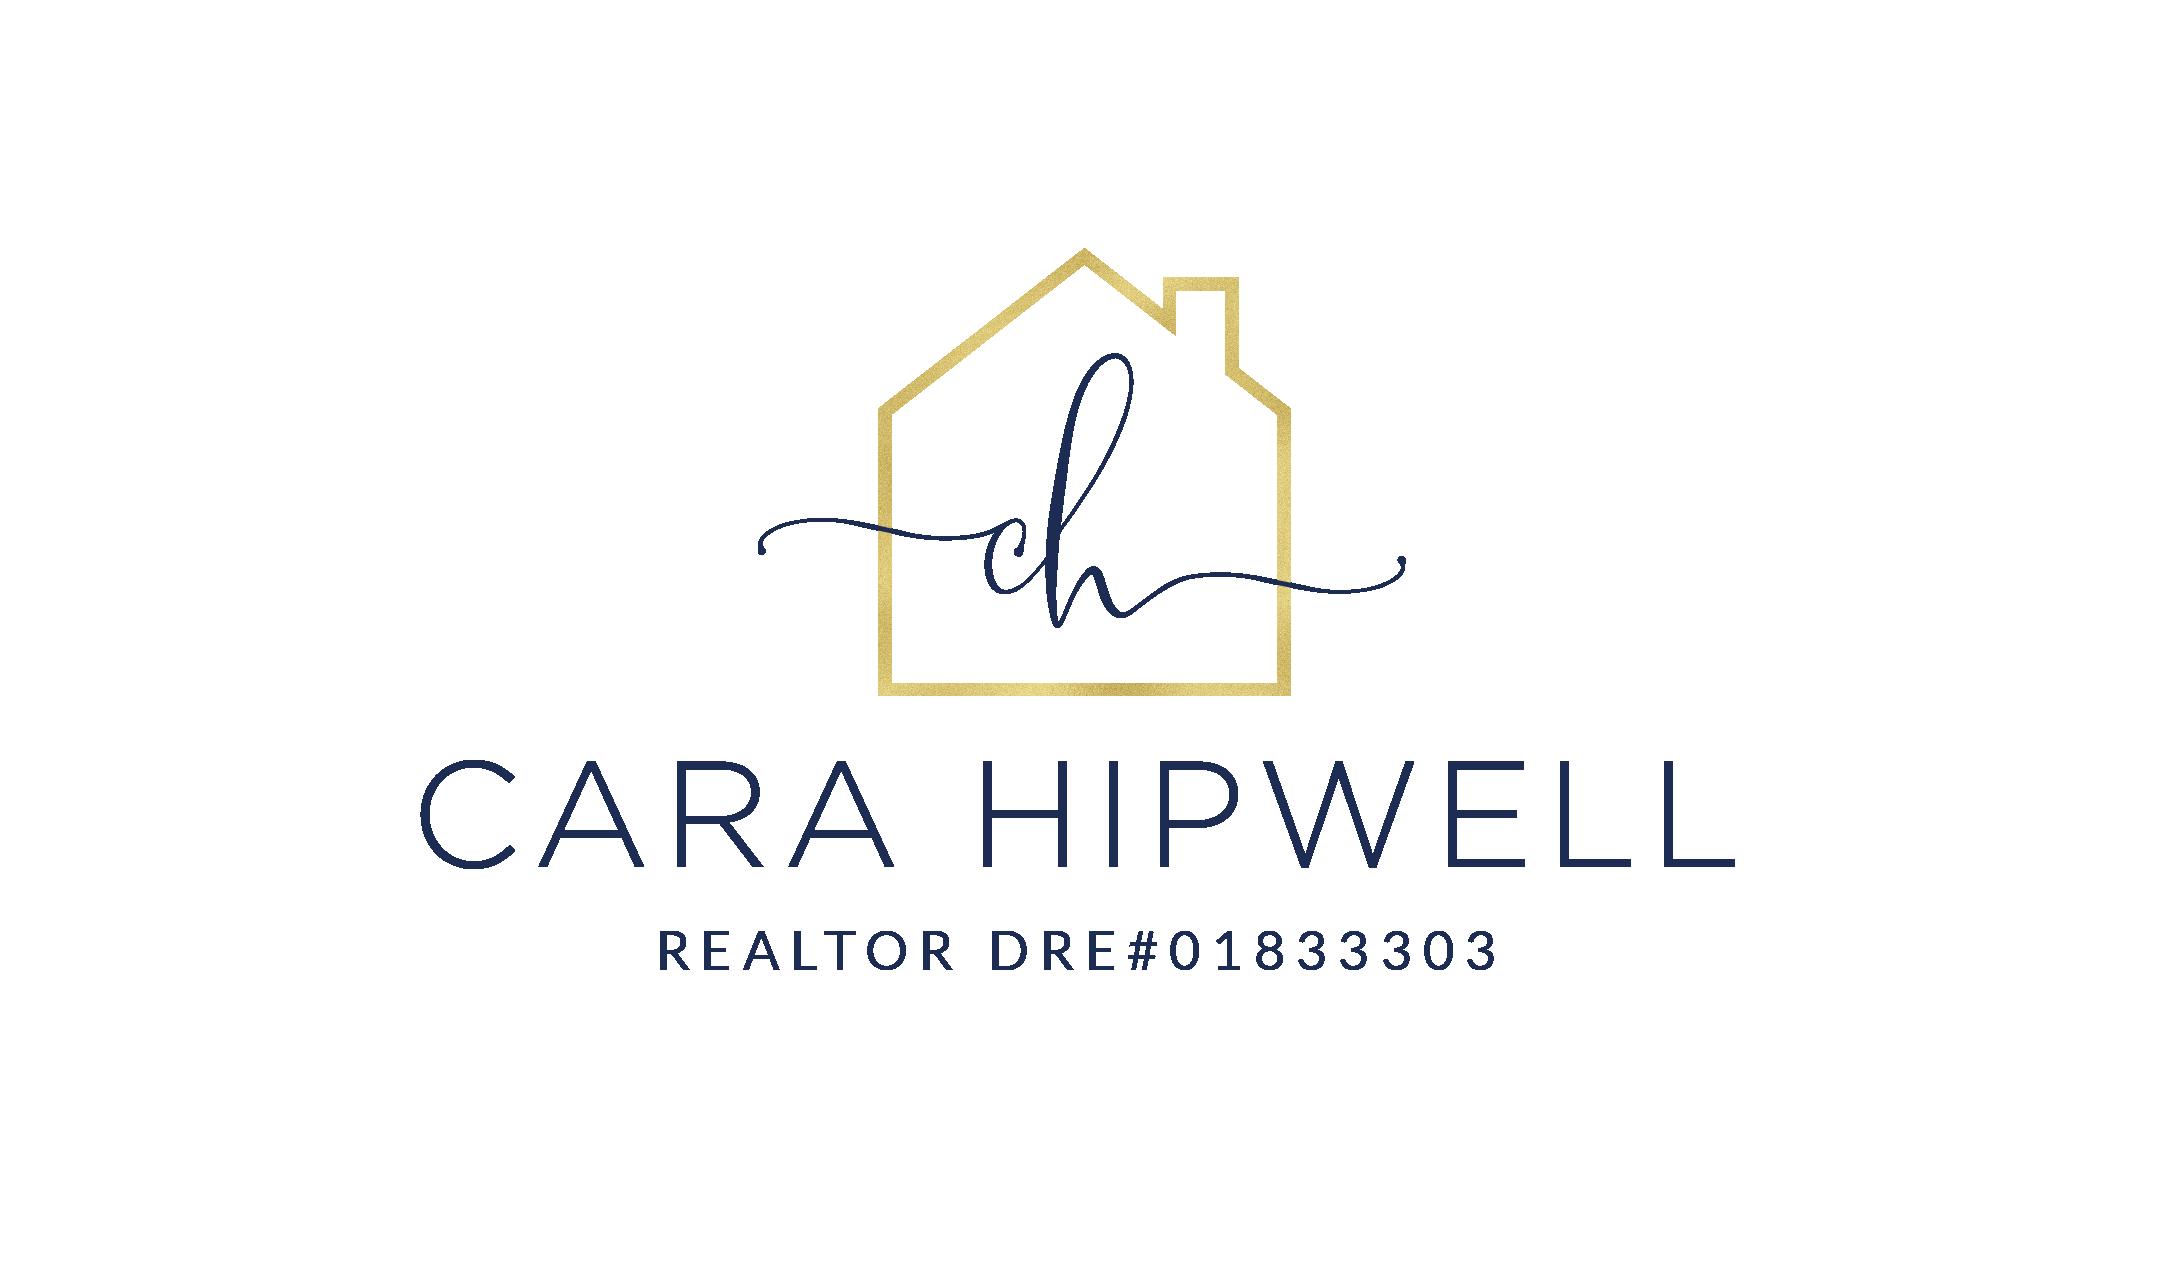 Cara Hipwell - CaraHipwell-MainLogo.png